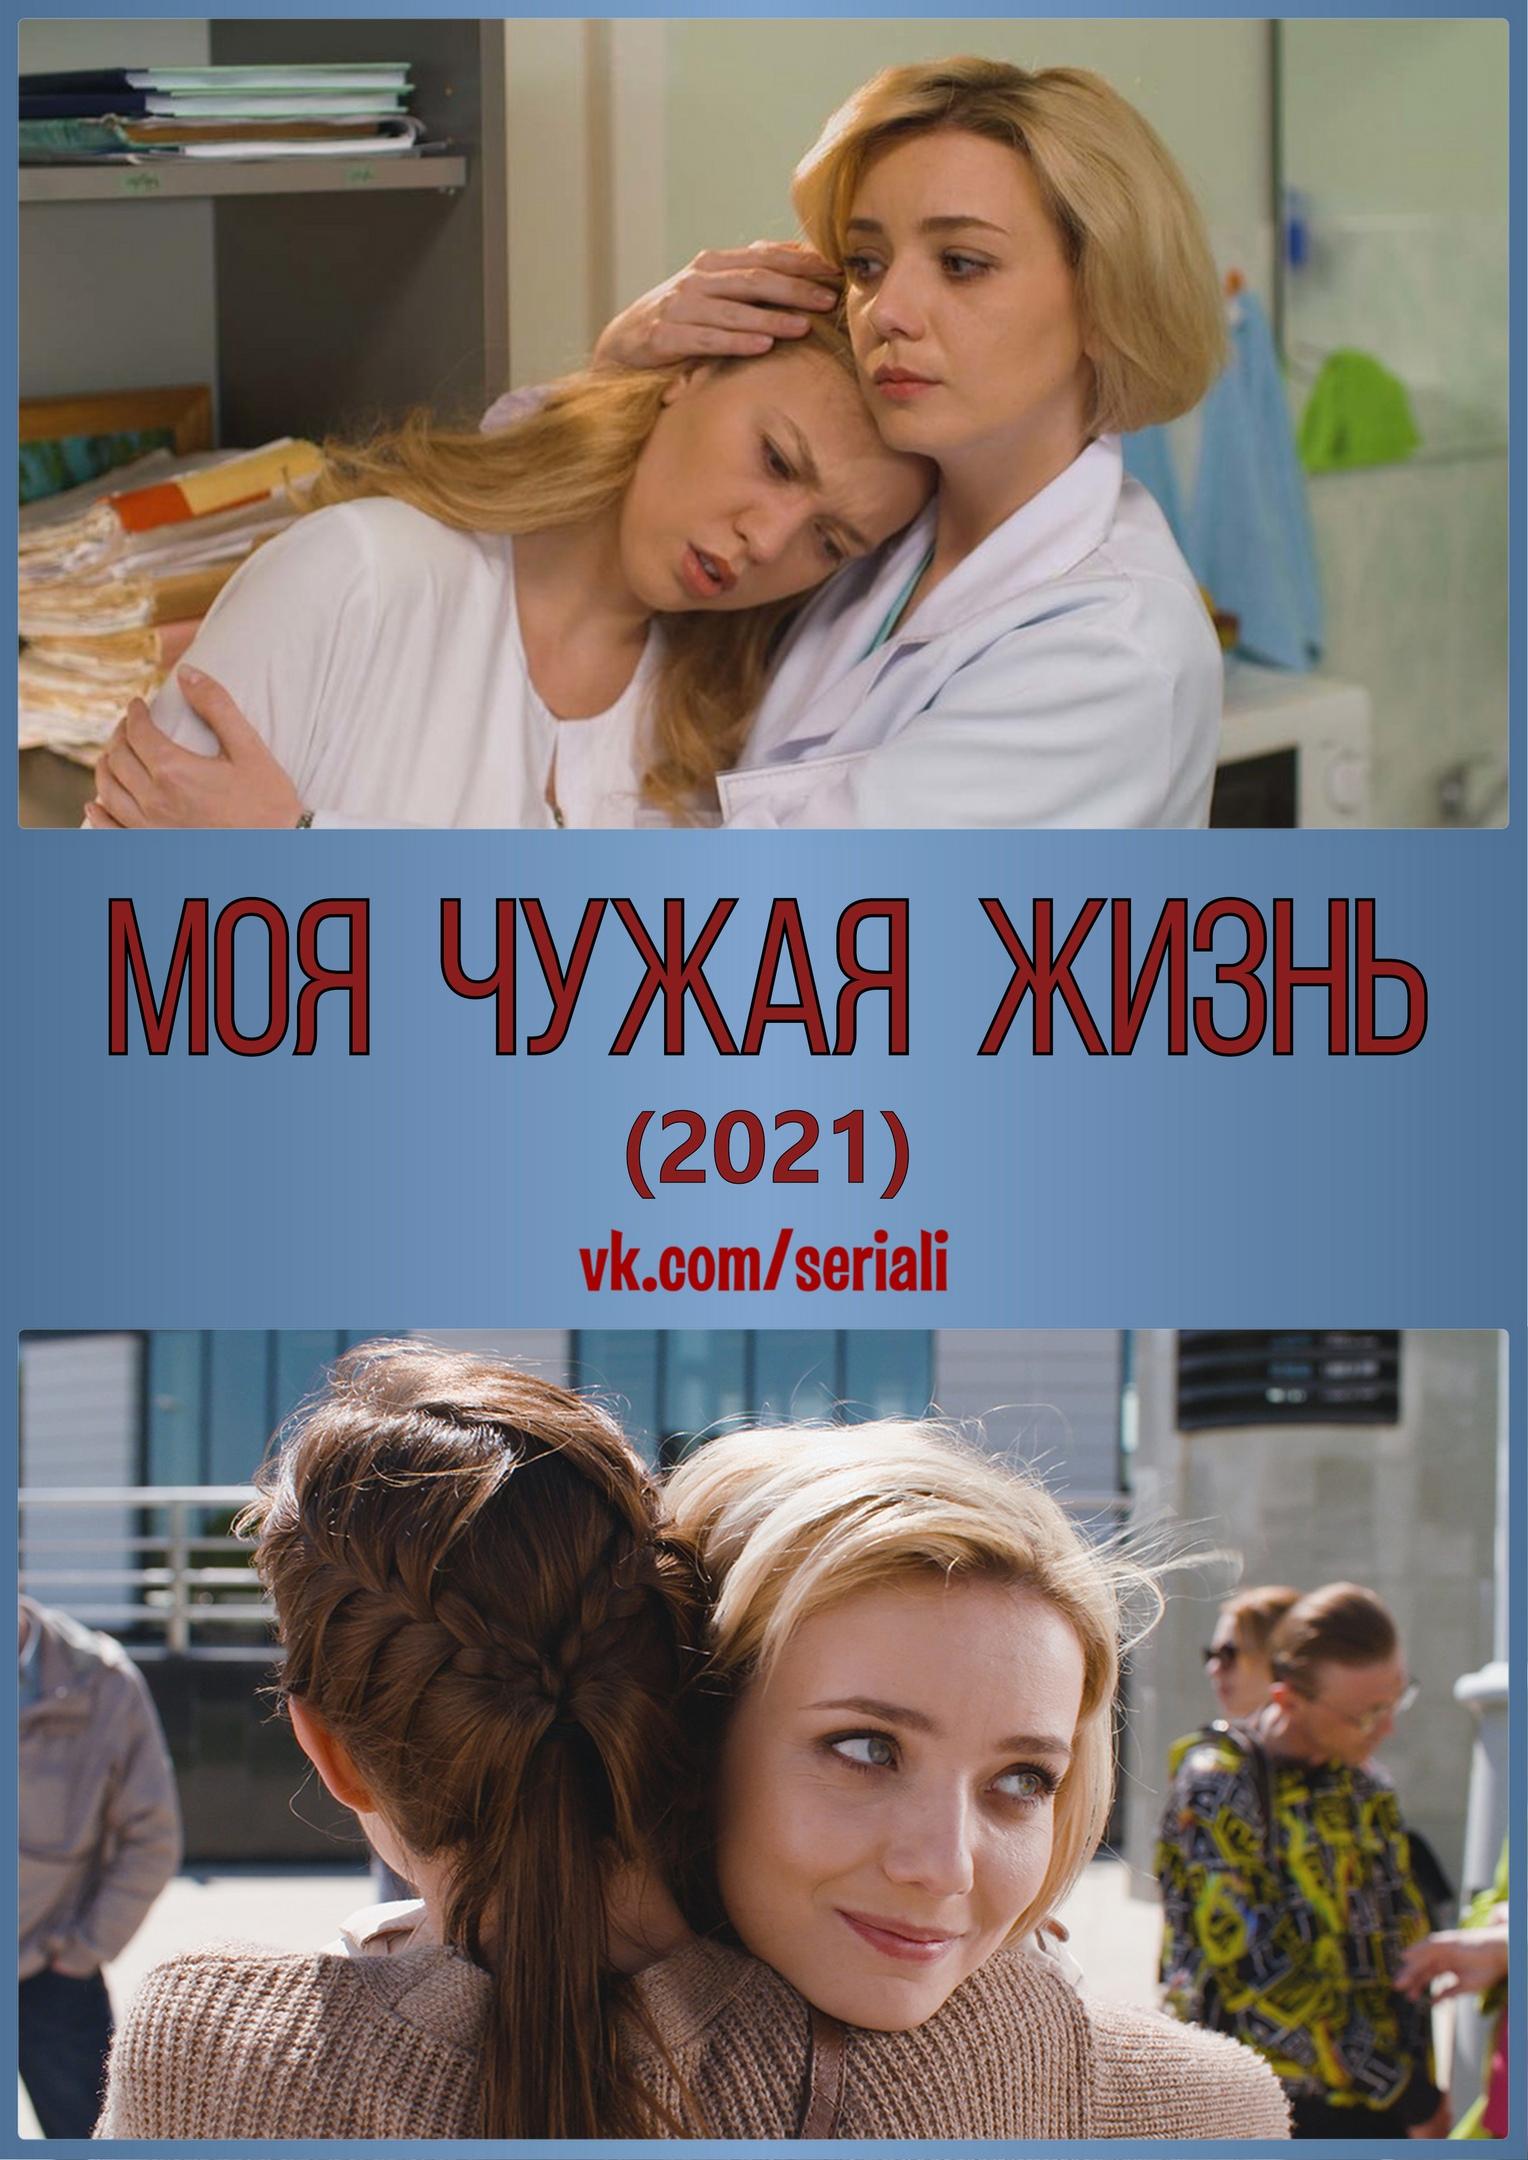 Мелодрама «Moя чyжaя жизнь» (2019) 1-4 серия из 4 HD